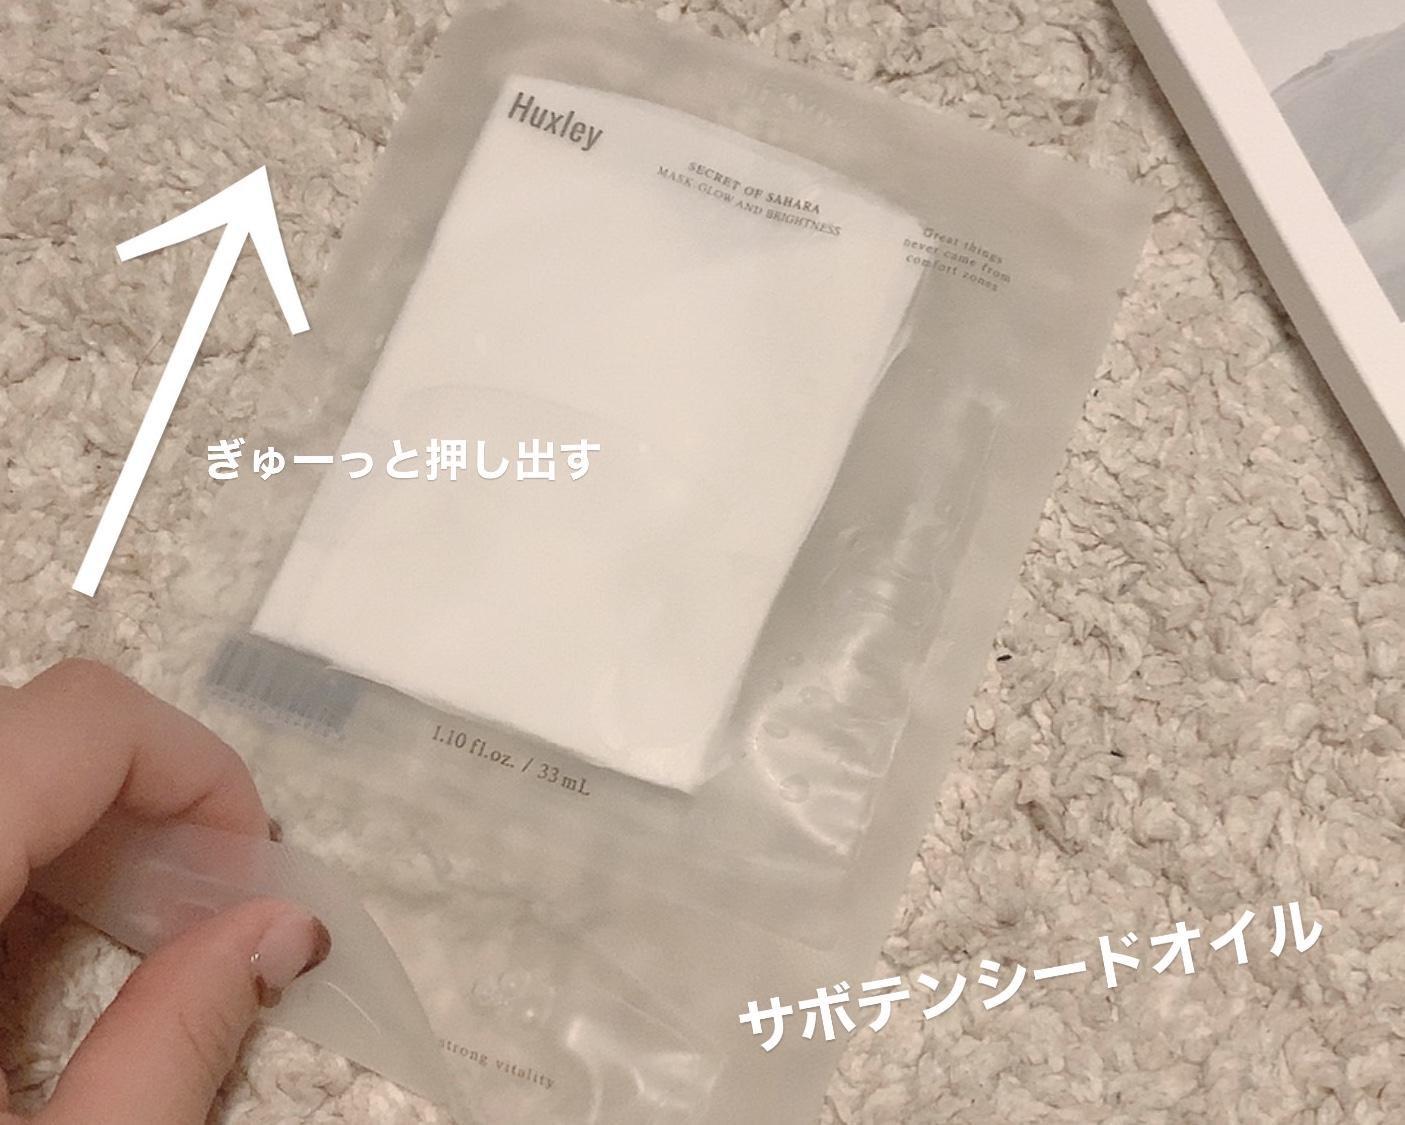 【韓国コスメ】たっぷり水分爆弾「Huxley」が最強♡スペシャル保湿ケアにおすすめのマスク_2